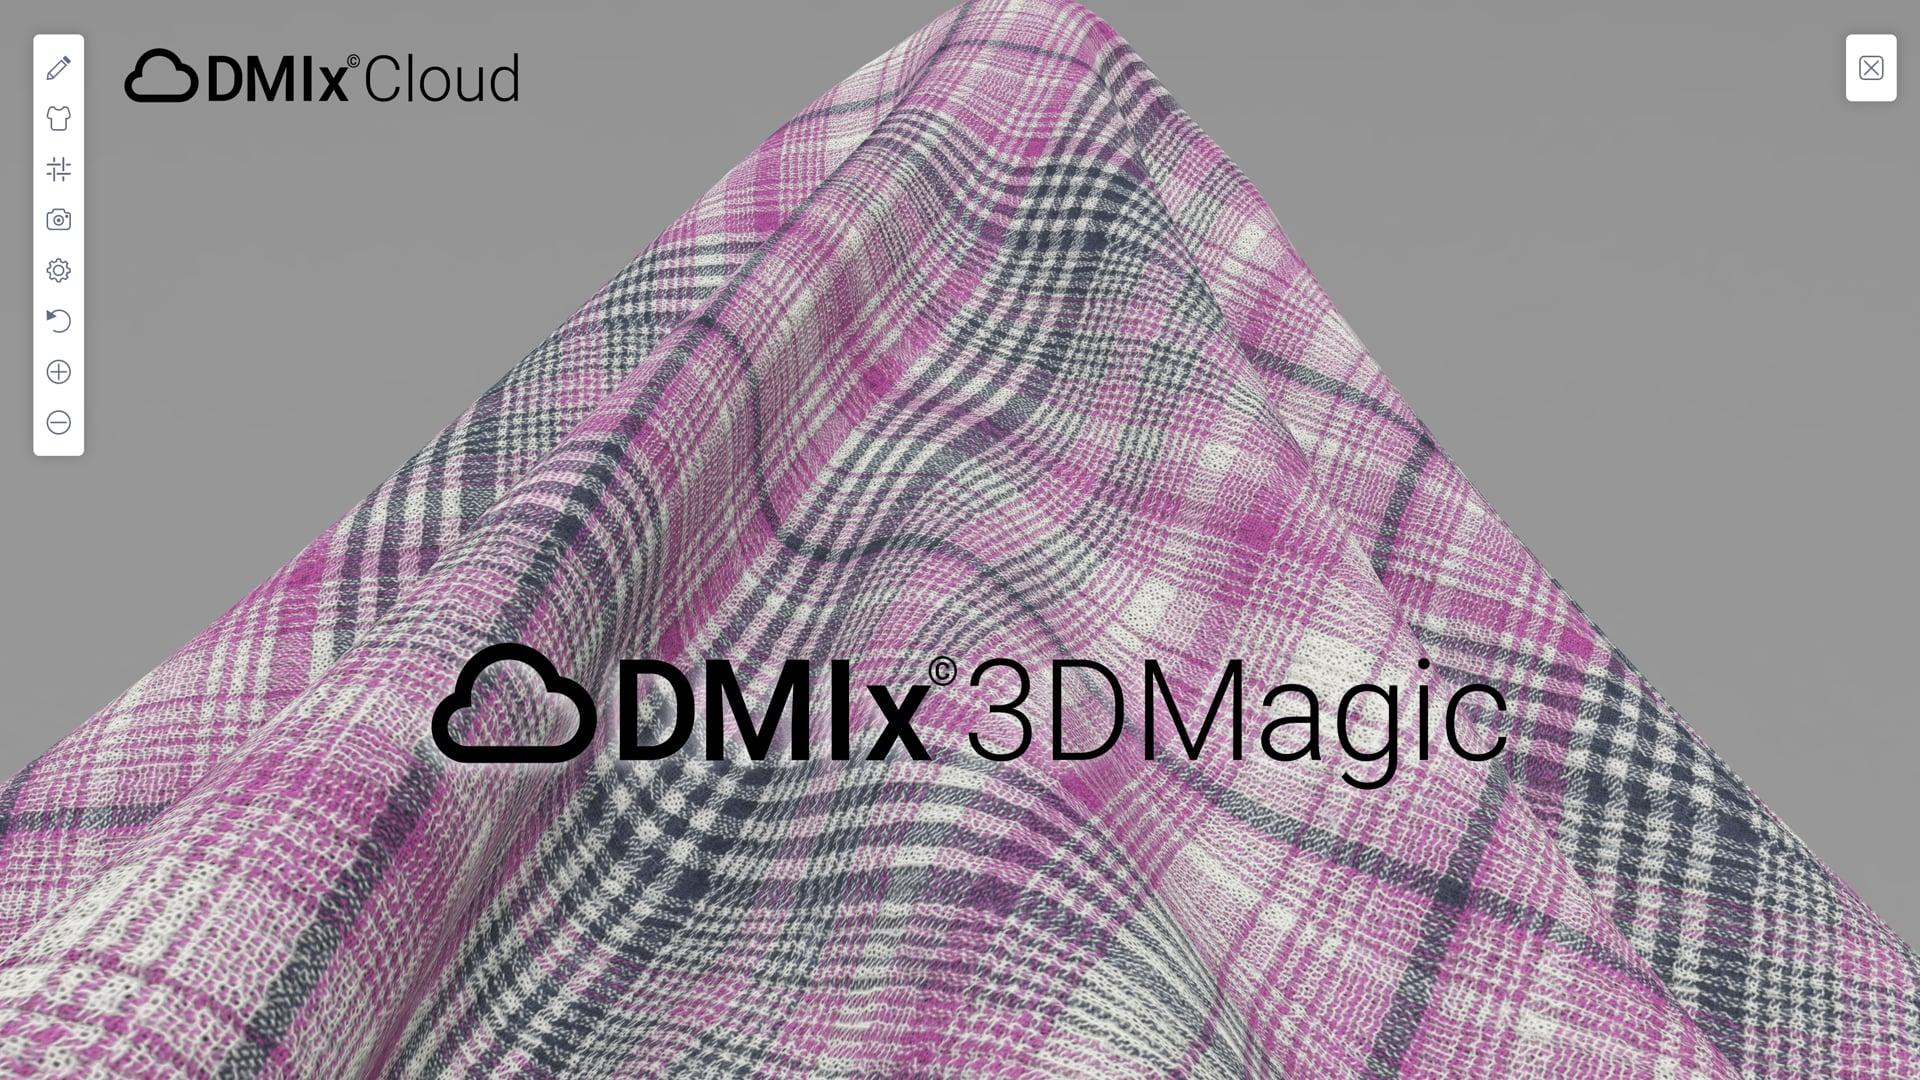 Showcase DMIx 3DMagic